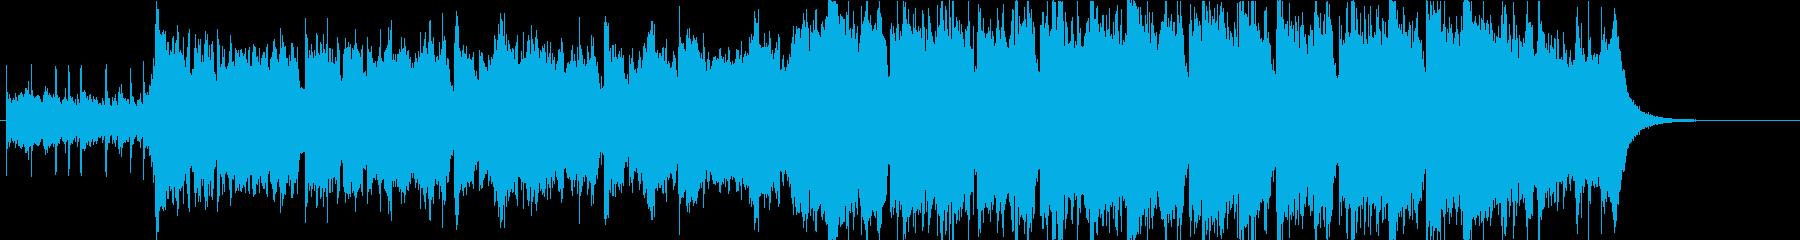 幻想的で壮大なオーケストラオープニングaの再生済みの波形